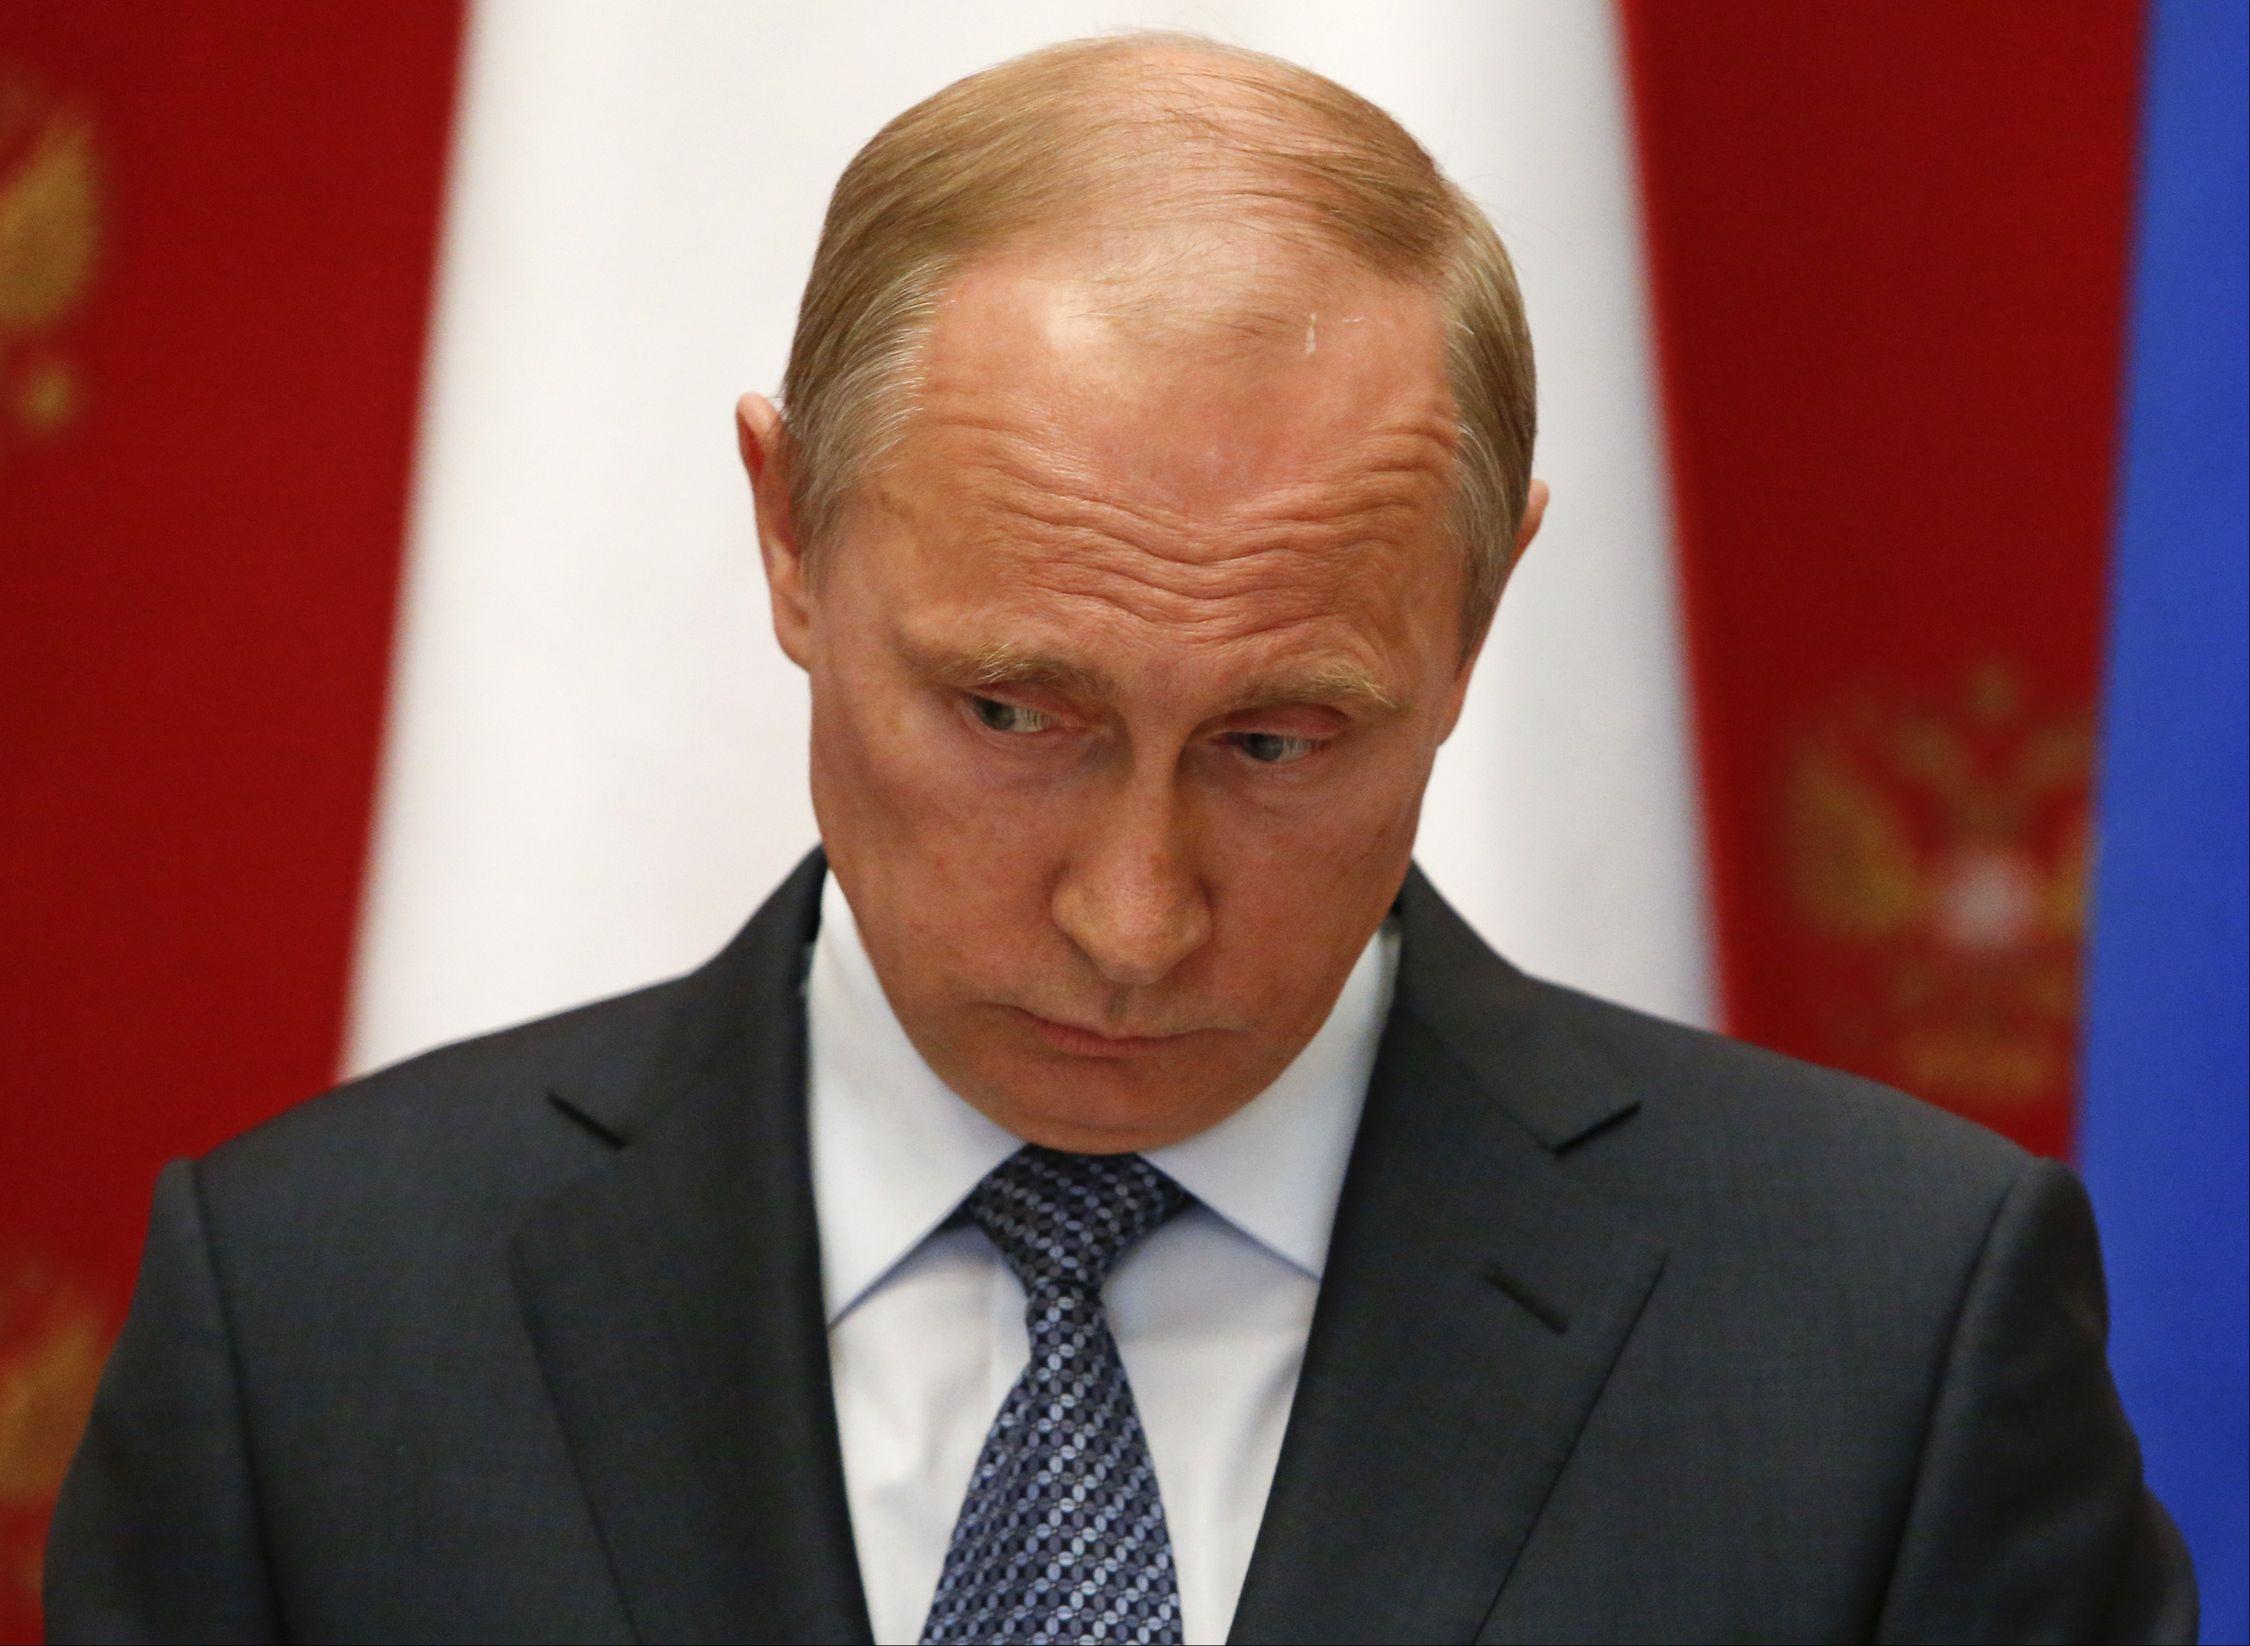 Политика, экономика, США, Россия, общество, Евросоюз, Еврокомиссия, газ нефть, цена, Израиль, Кипр